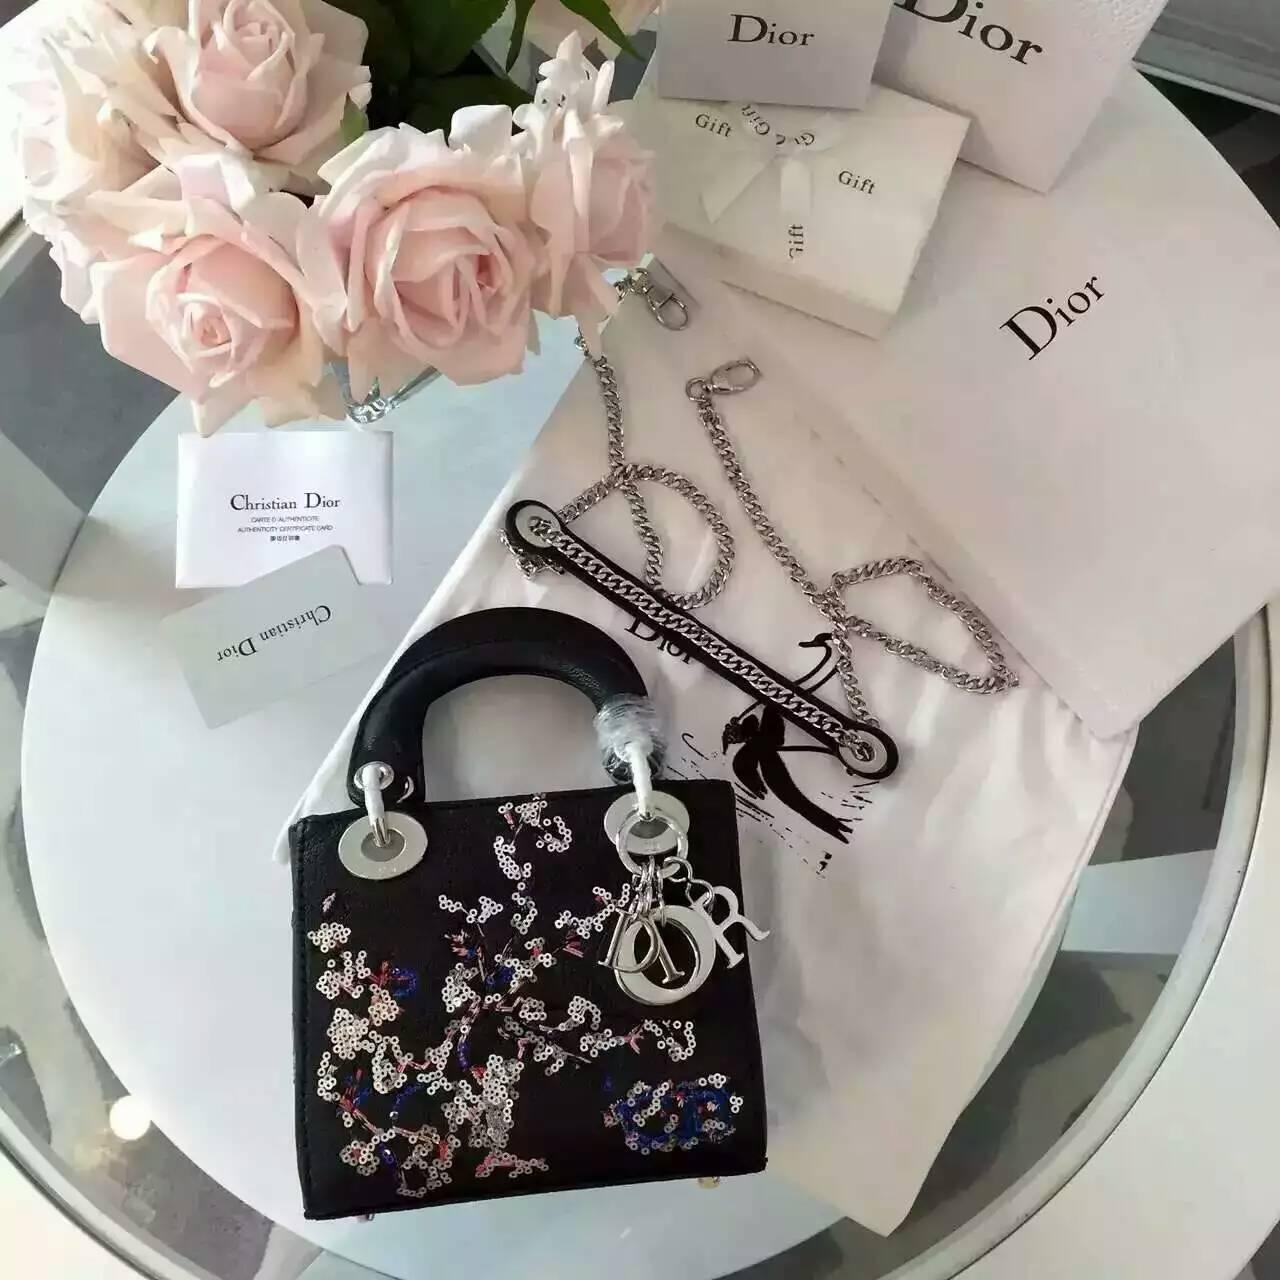 Dior包包官网 迪奥原单女包黑色山羊皮刺绣新款迷你戴妃包